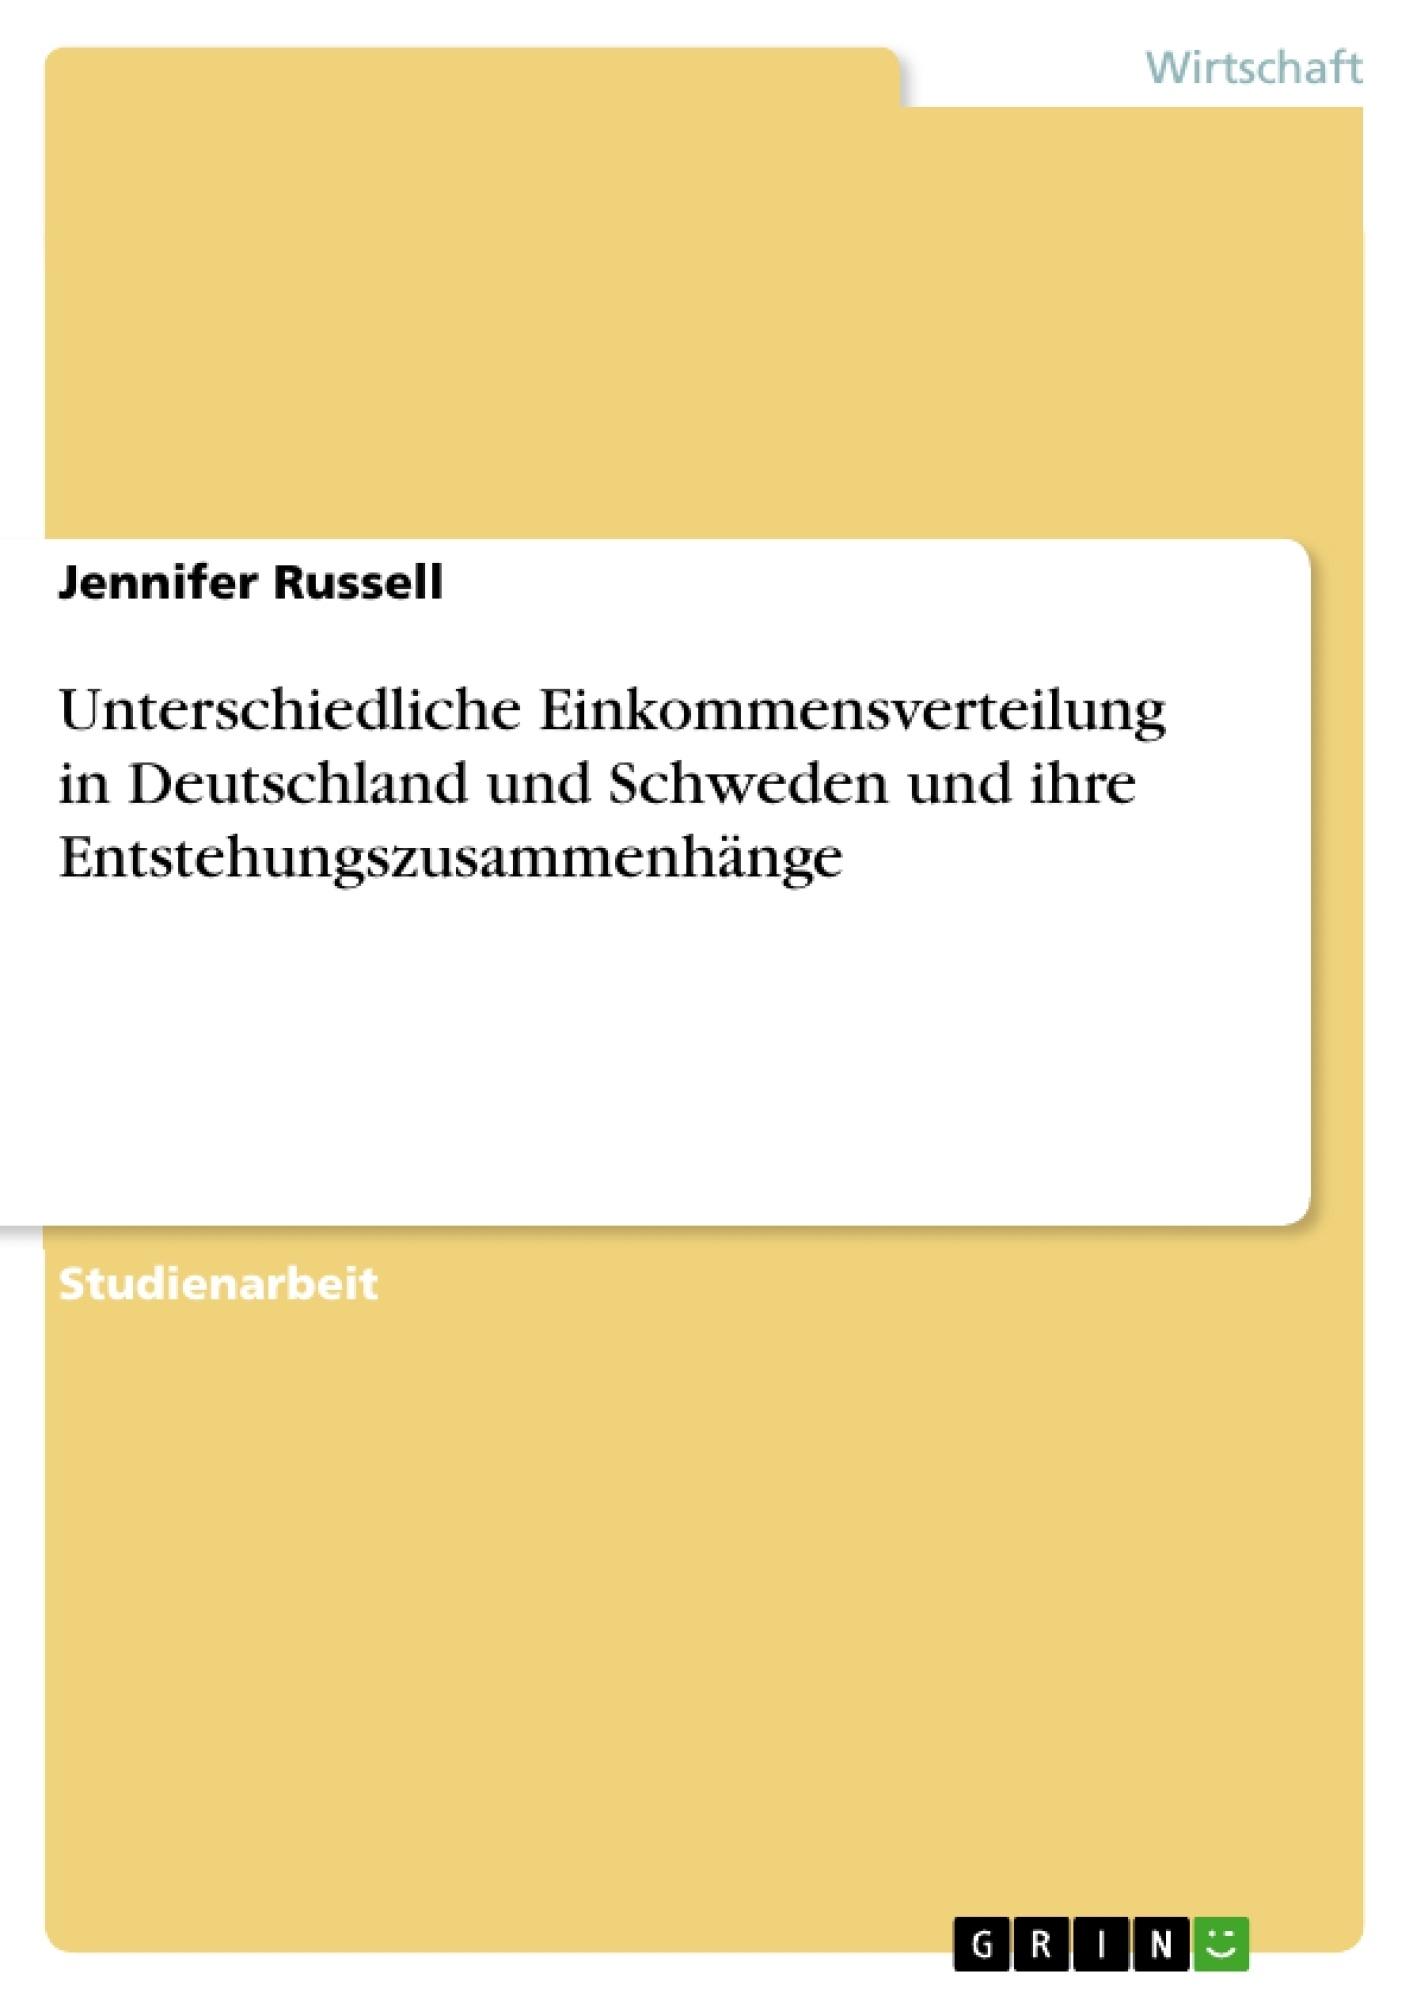 Titel: Unterschiedliche Einkommensverteilung in Deutschland und Schweden und ihre Entstehungszusammenhänge